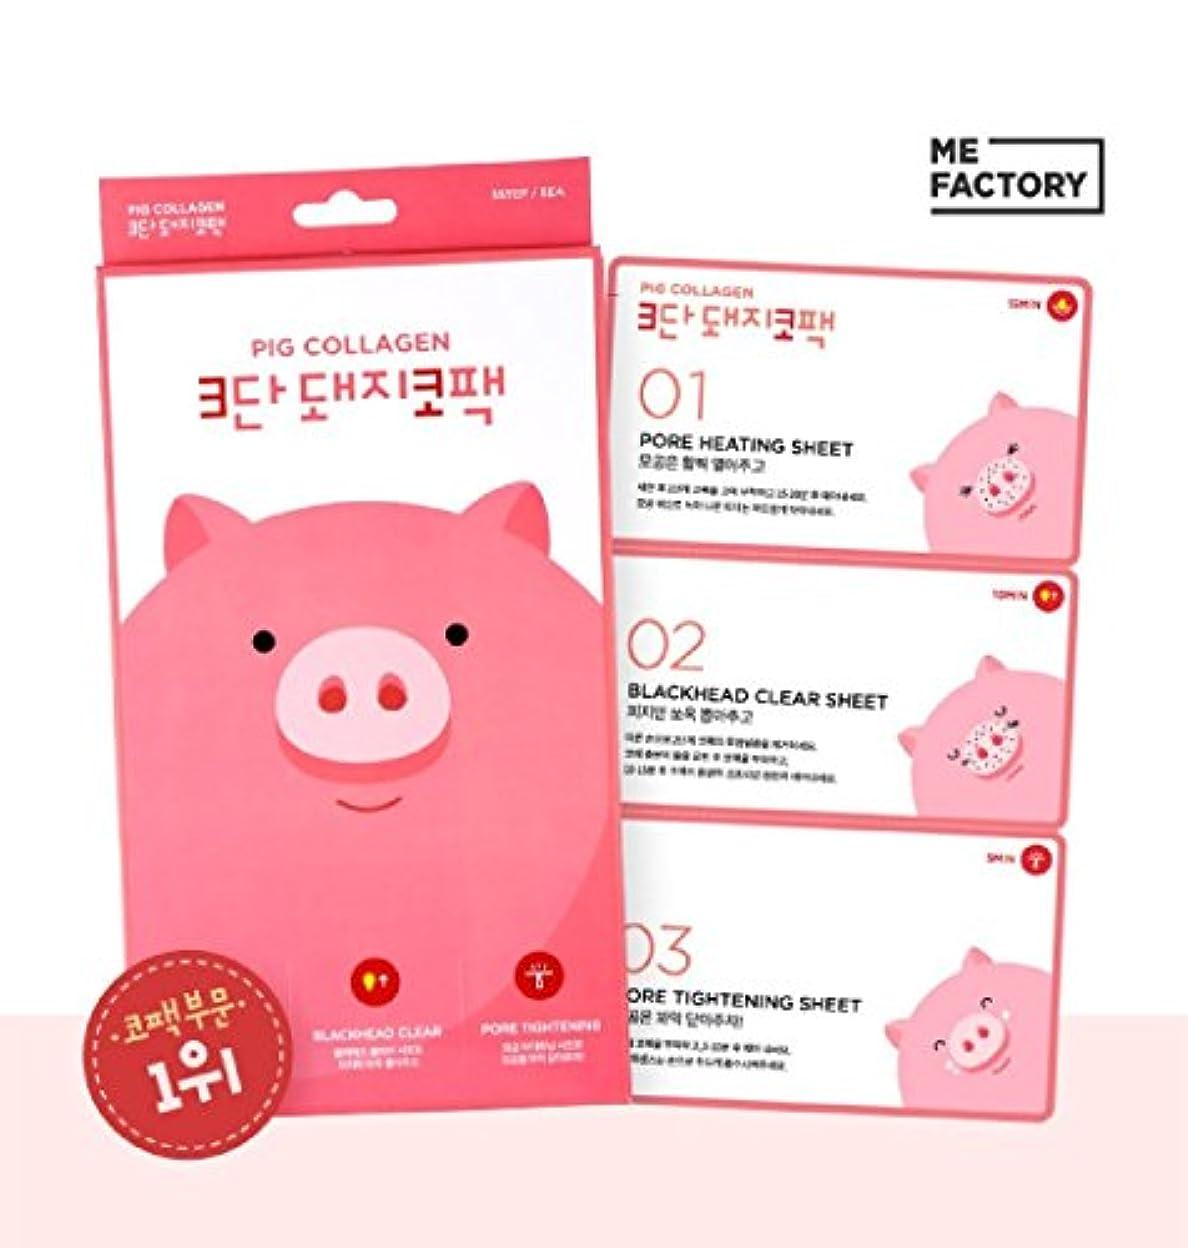 おじいちゃん対人効率【米ファクトリー/ me factory]韓国化粧品/ Me Factory Pig Collagen 3 Step Kit Pig Nose Mask Pack X 5 Piece/米ファクトリー3段豚コペク(5枚)フィジー...